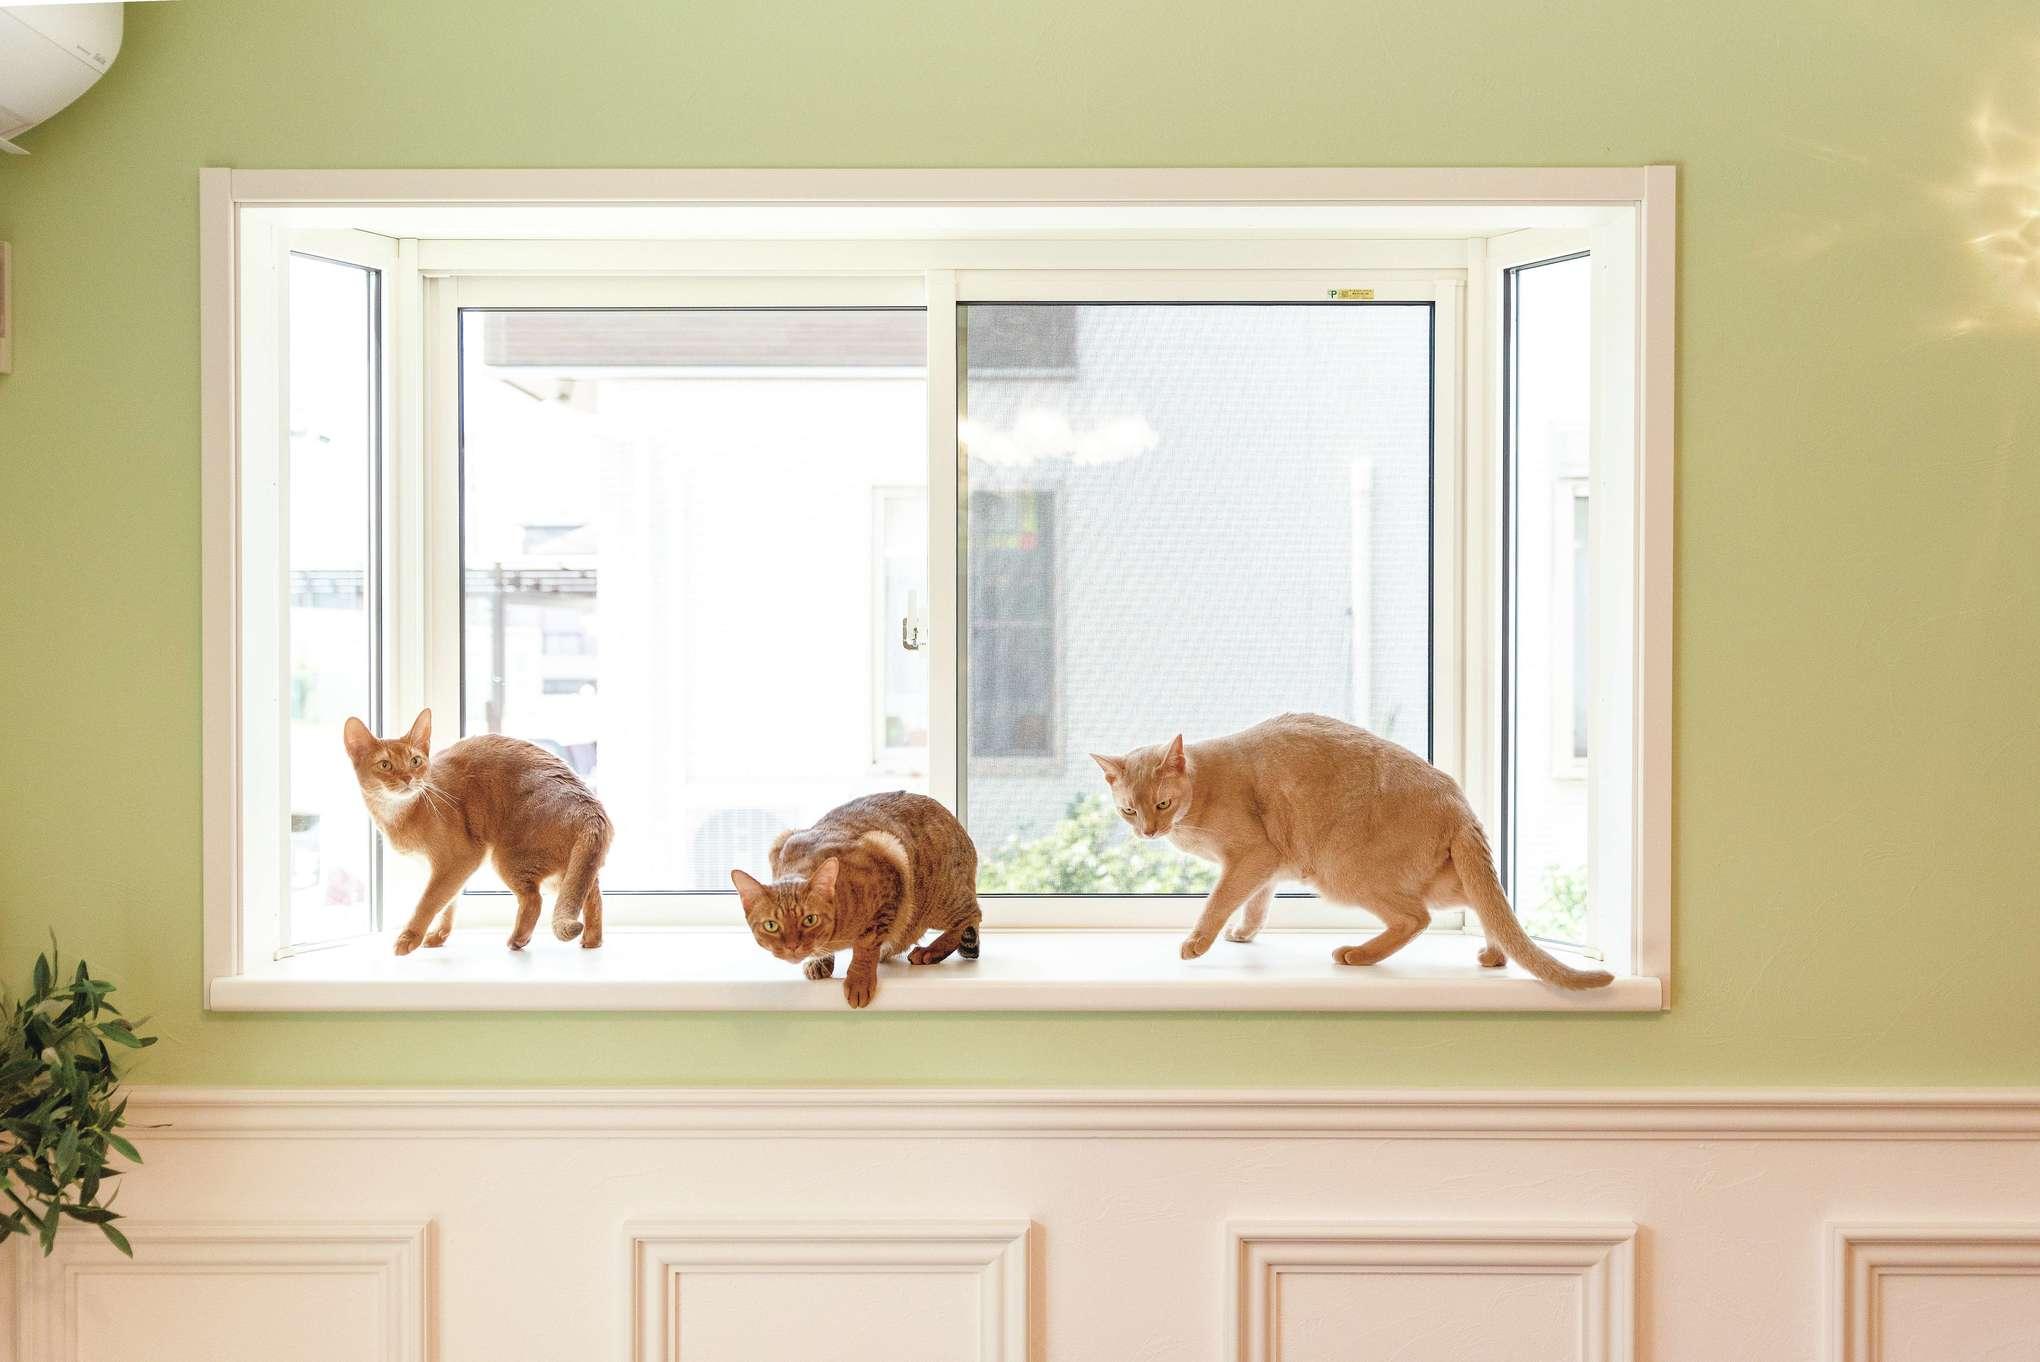 出窓から外の様子をチェック!? リビングには猫たちが飛び乗りやすい腰高の出窓を